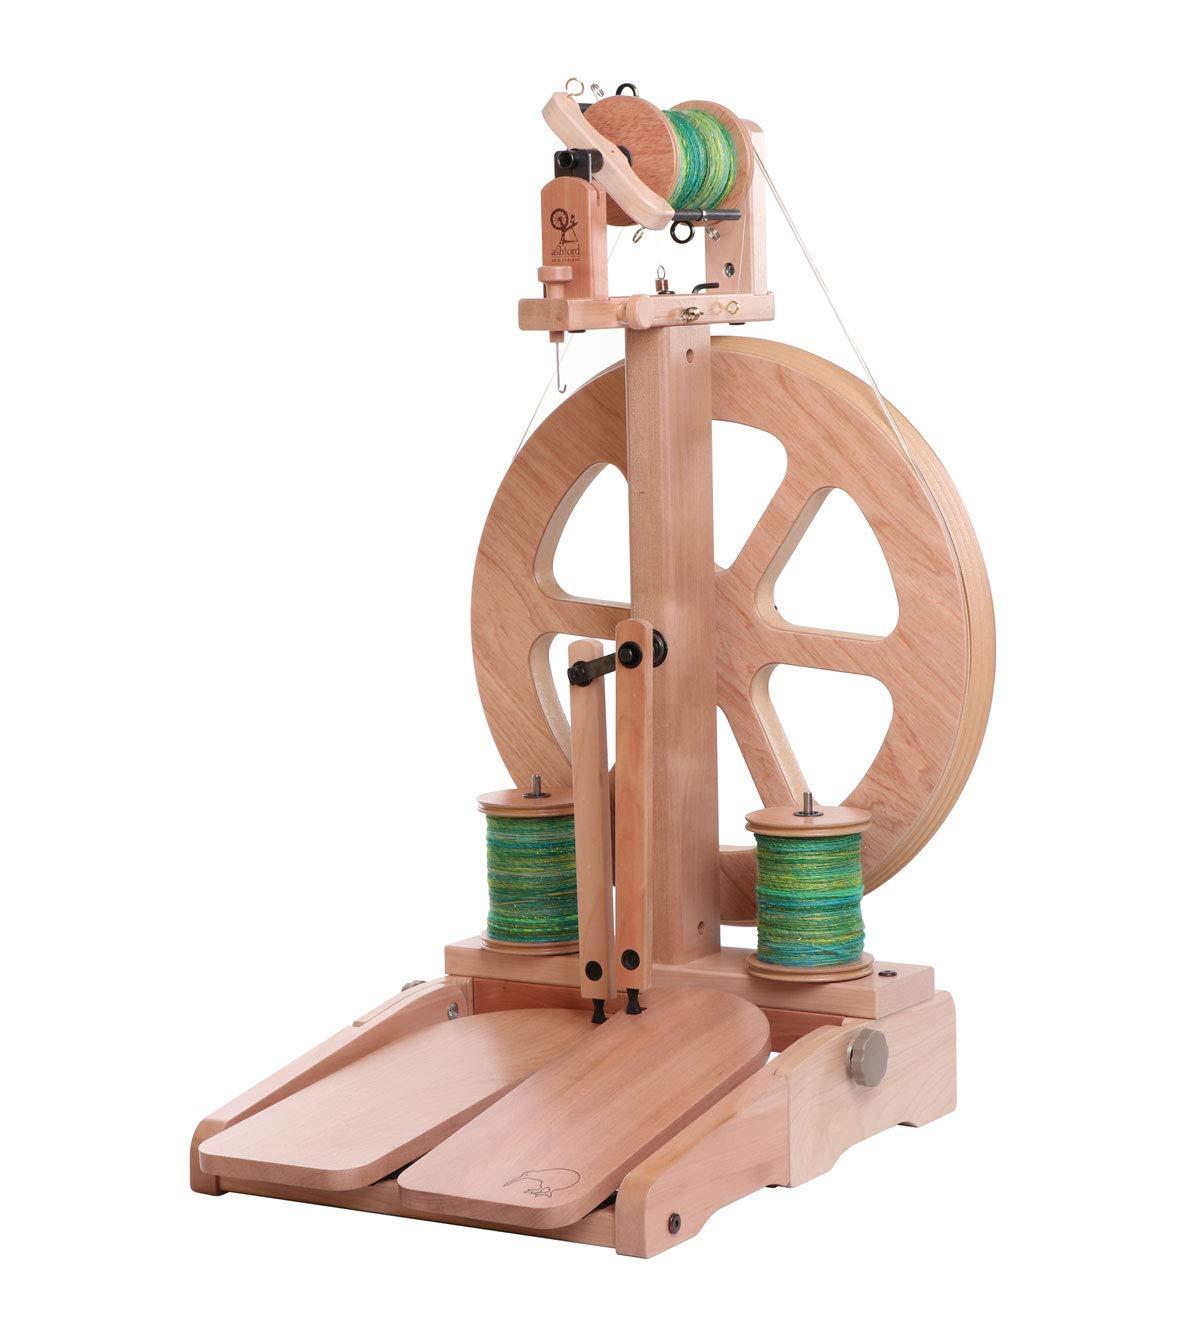 Ashford Kiwi Spinning Wheel 3 Unfinished